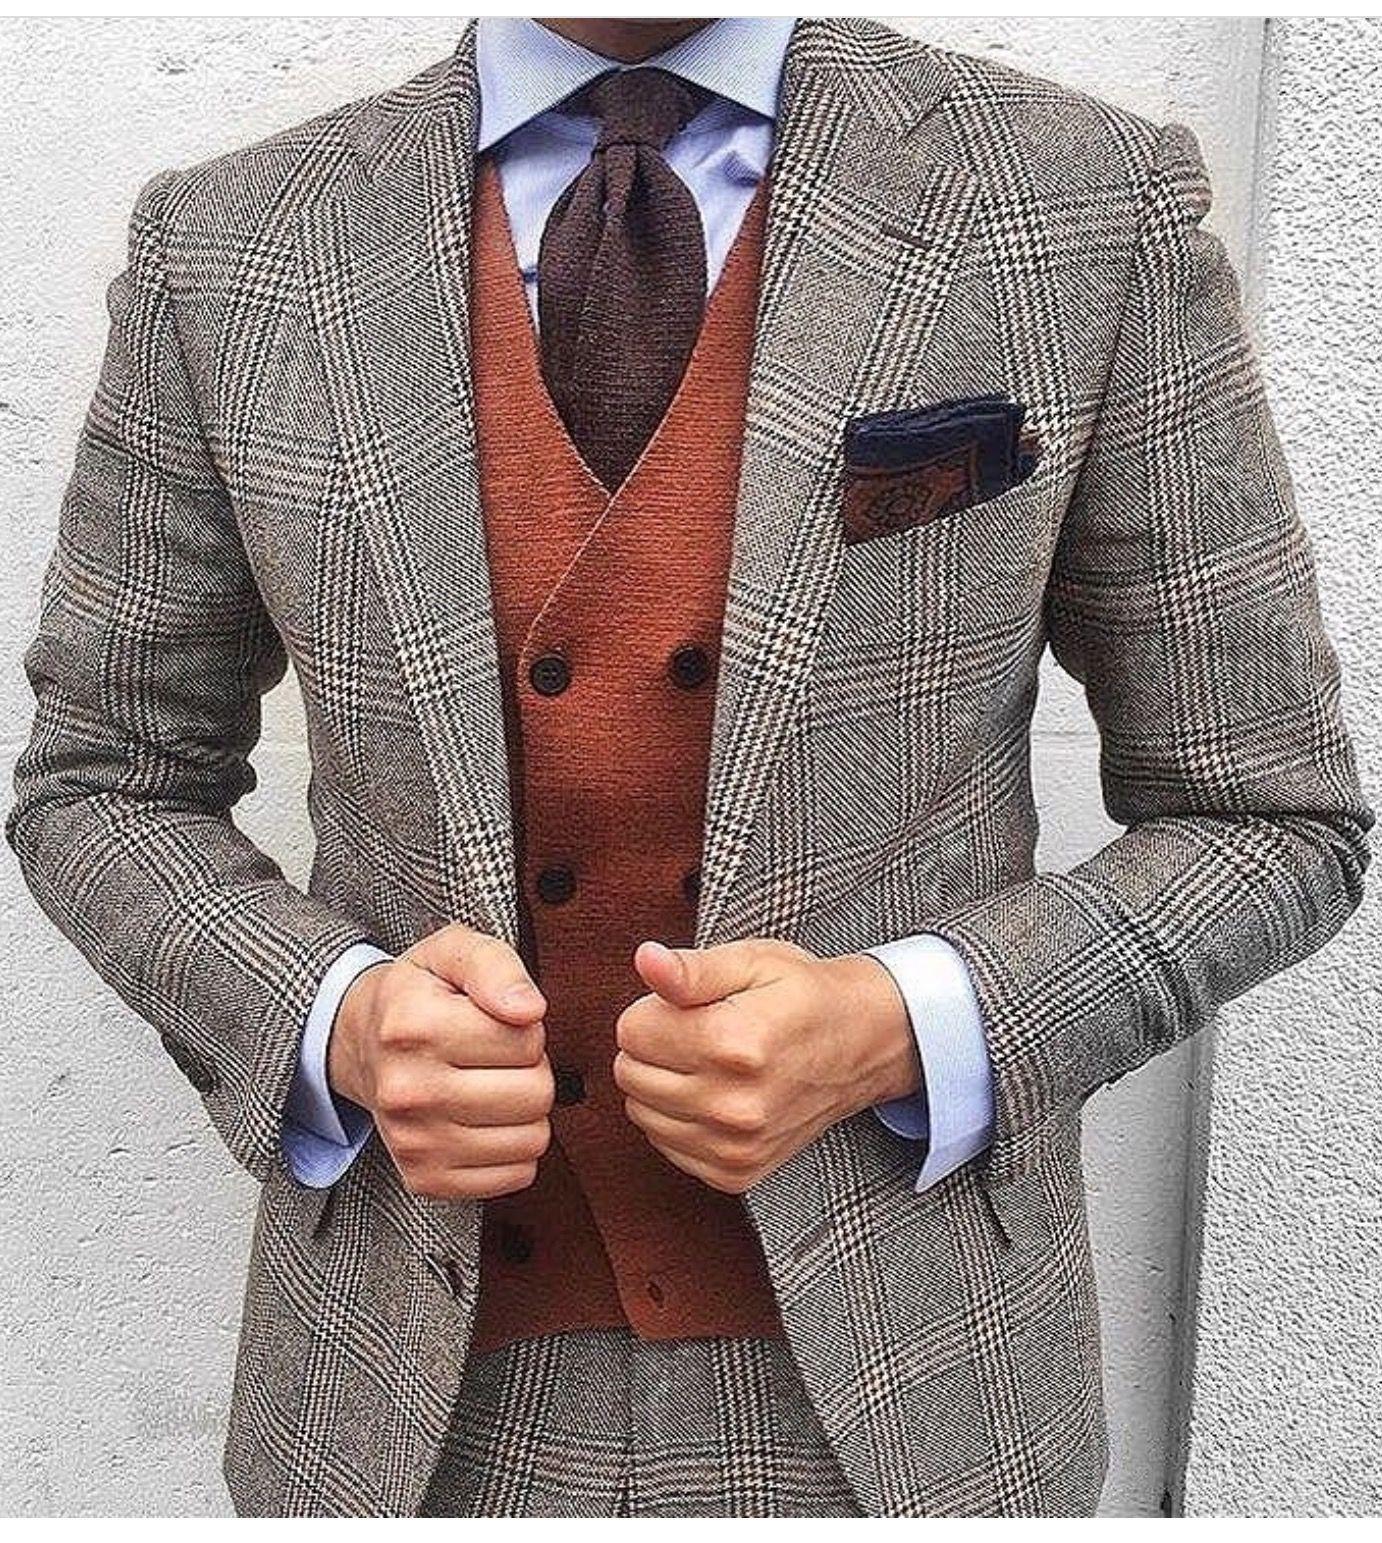 Men style i like image by bogdan babalau classic suit